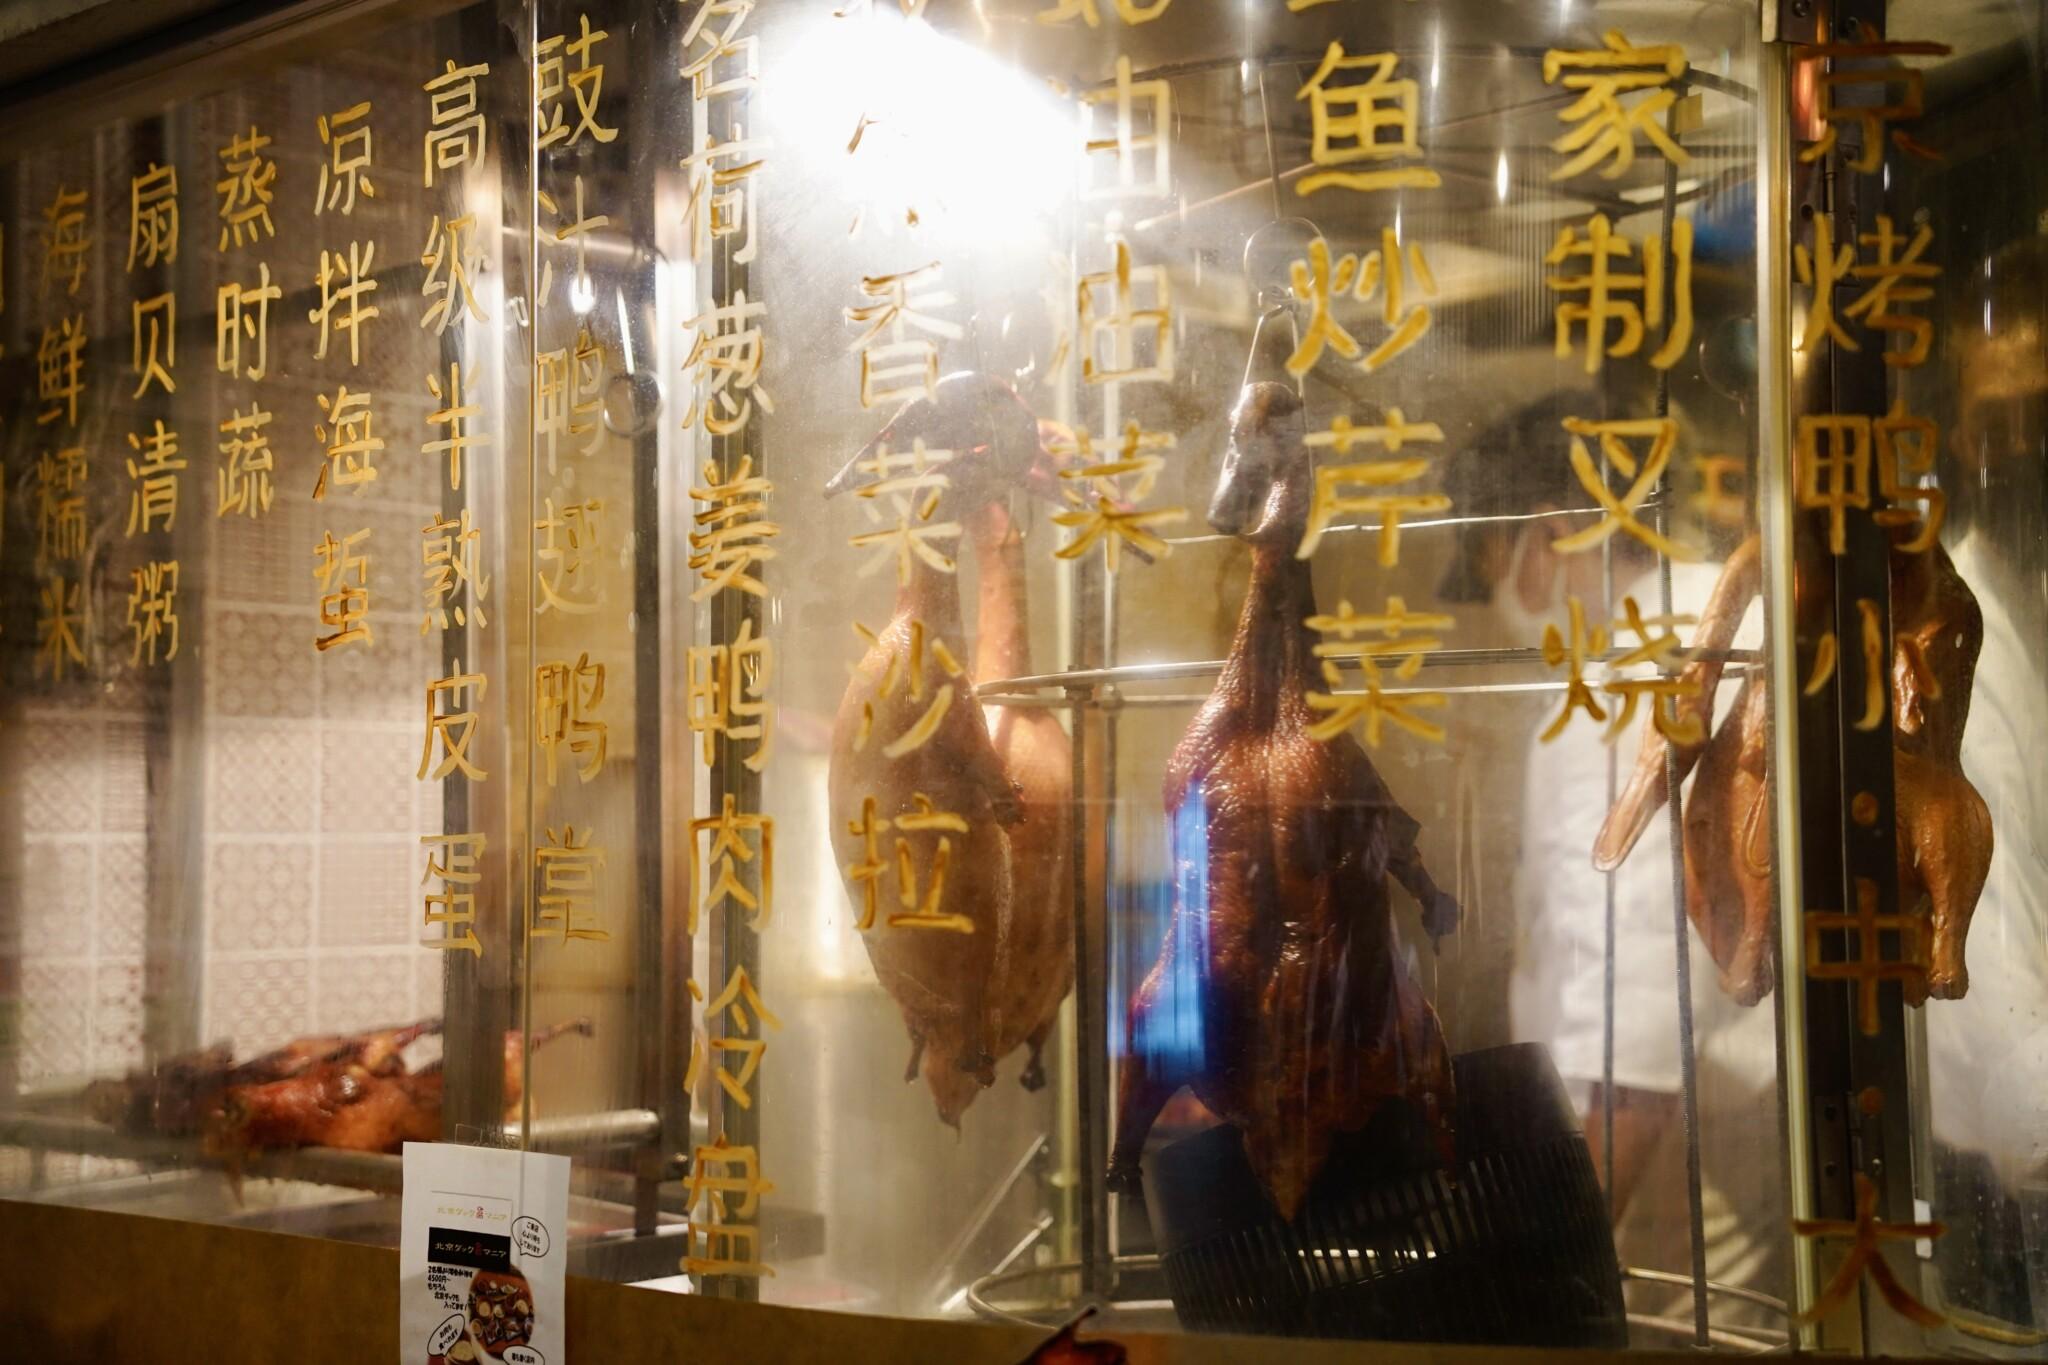 本格的な北京ダックが2,000円台から!〈品川横丁〉の〈北京ダックマニア〉がリーズナブルな理由。